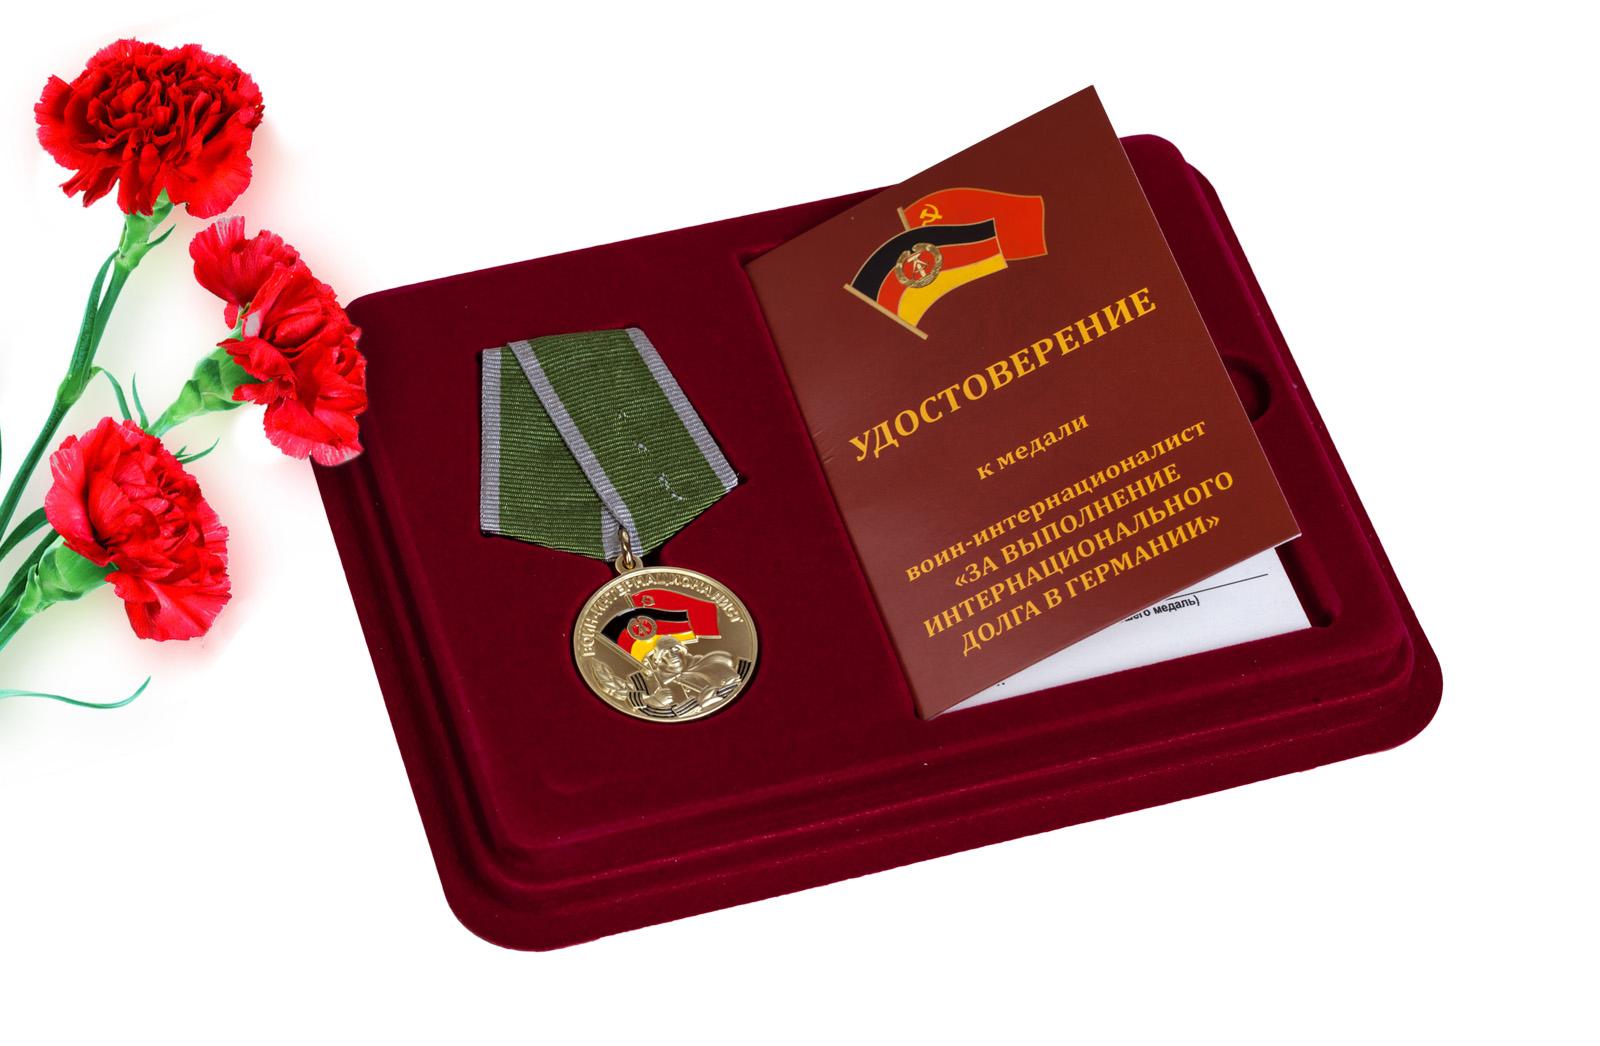 Купить медаль Воин-интернационалист в подарок